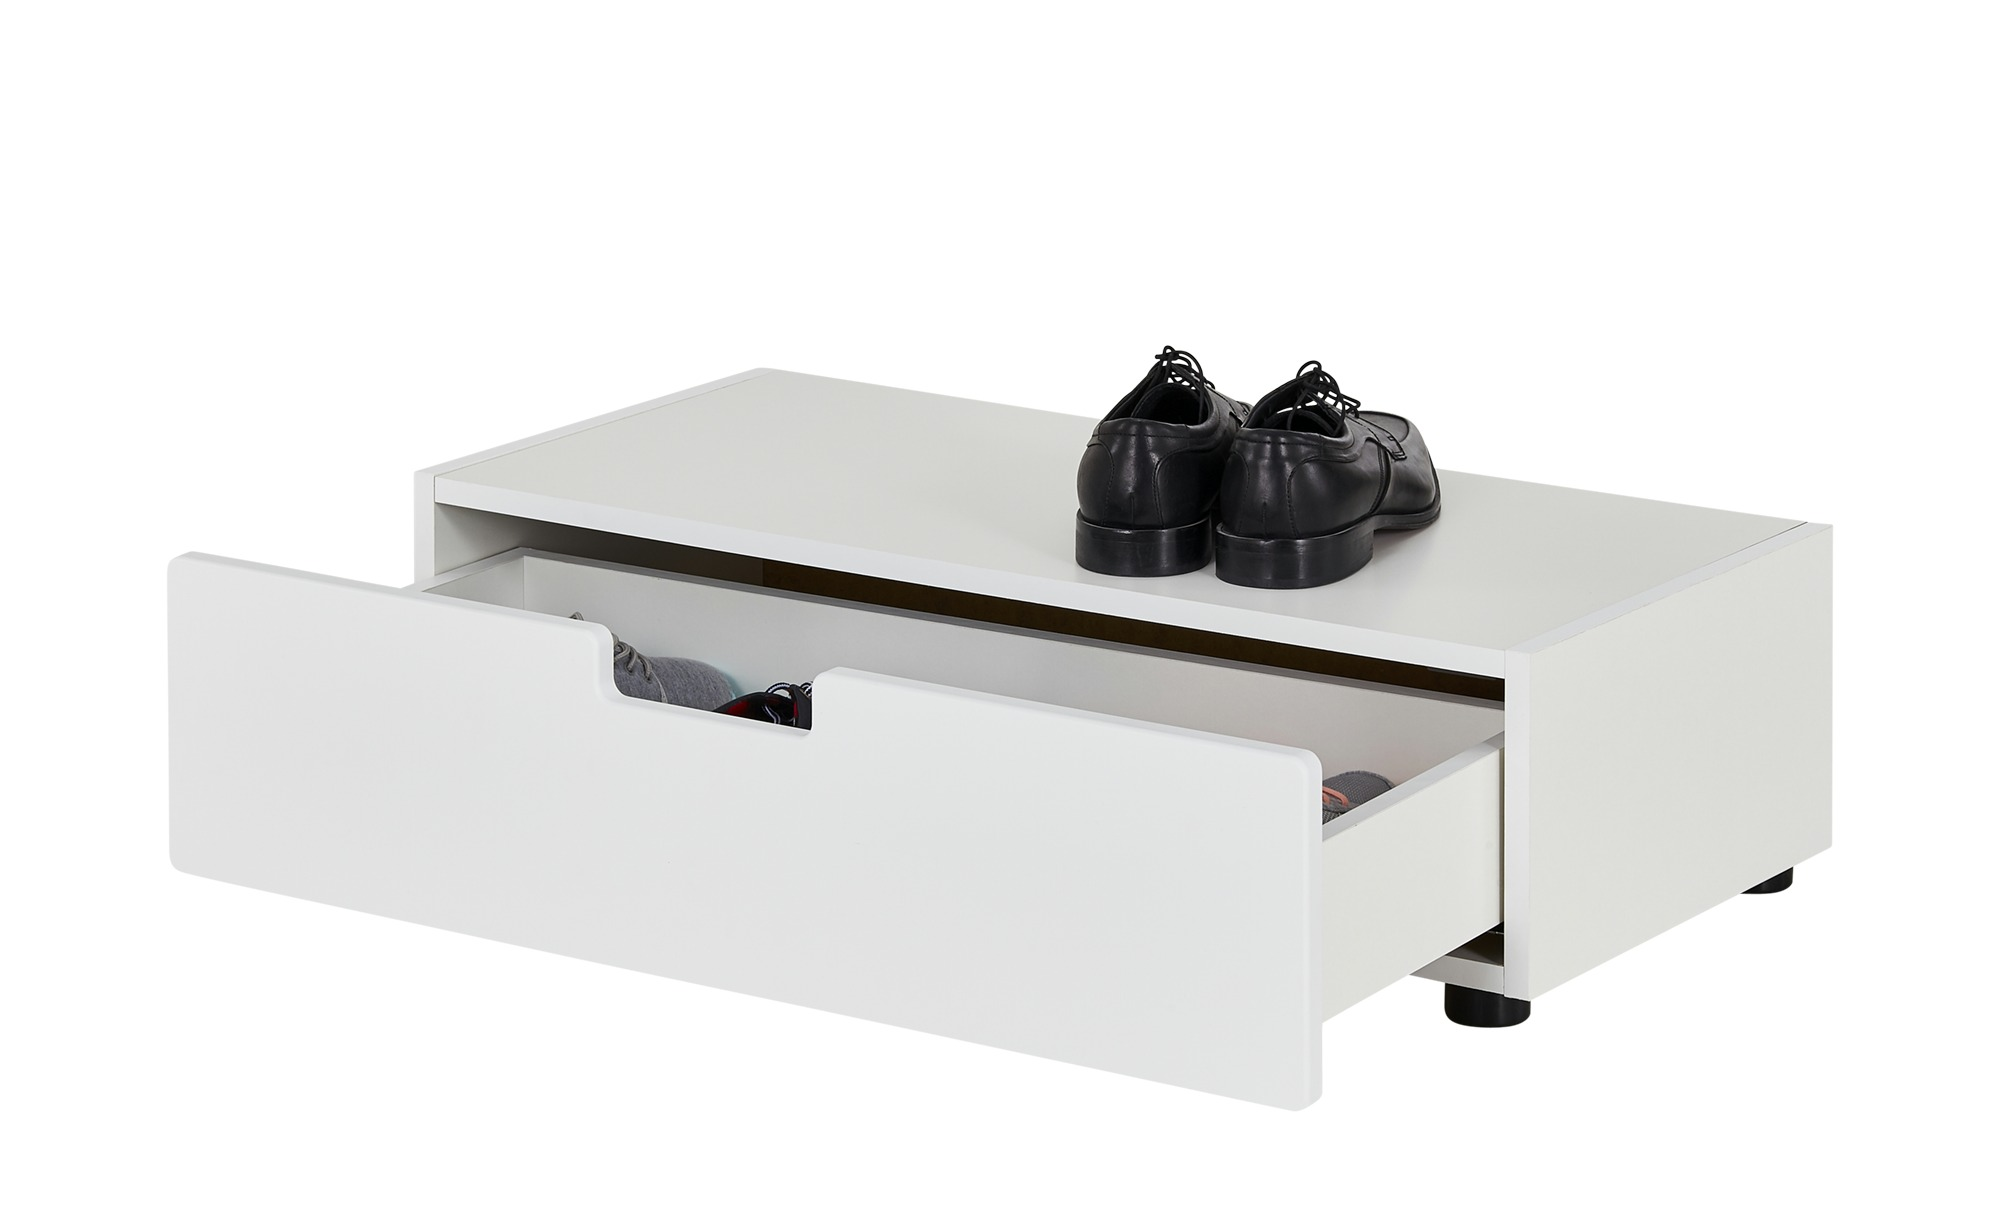 Sconto - Der Möbelmarkt